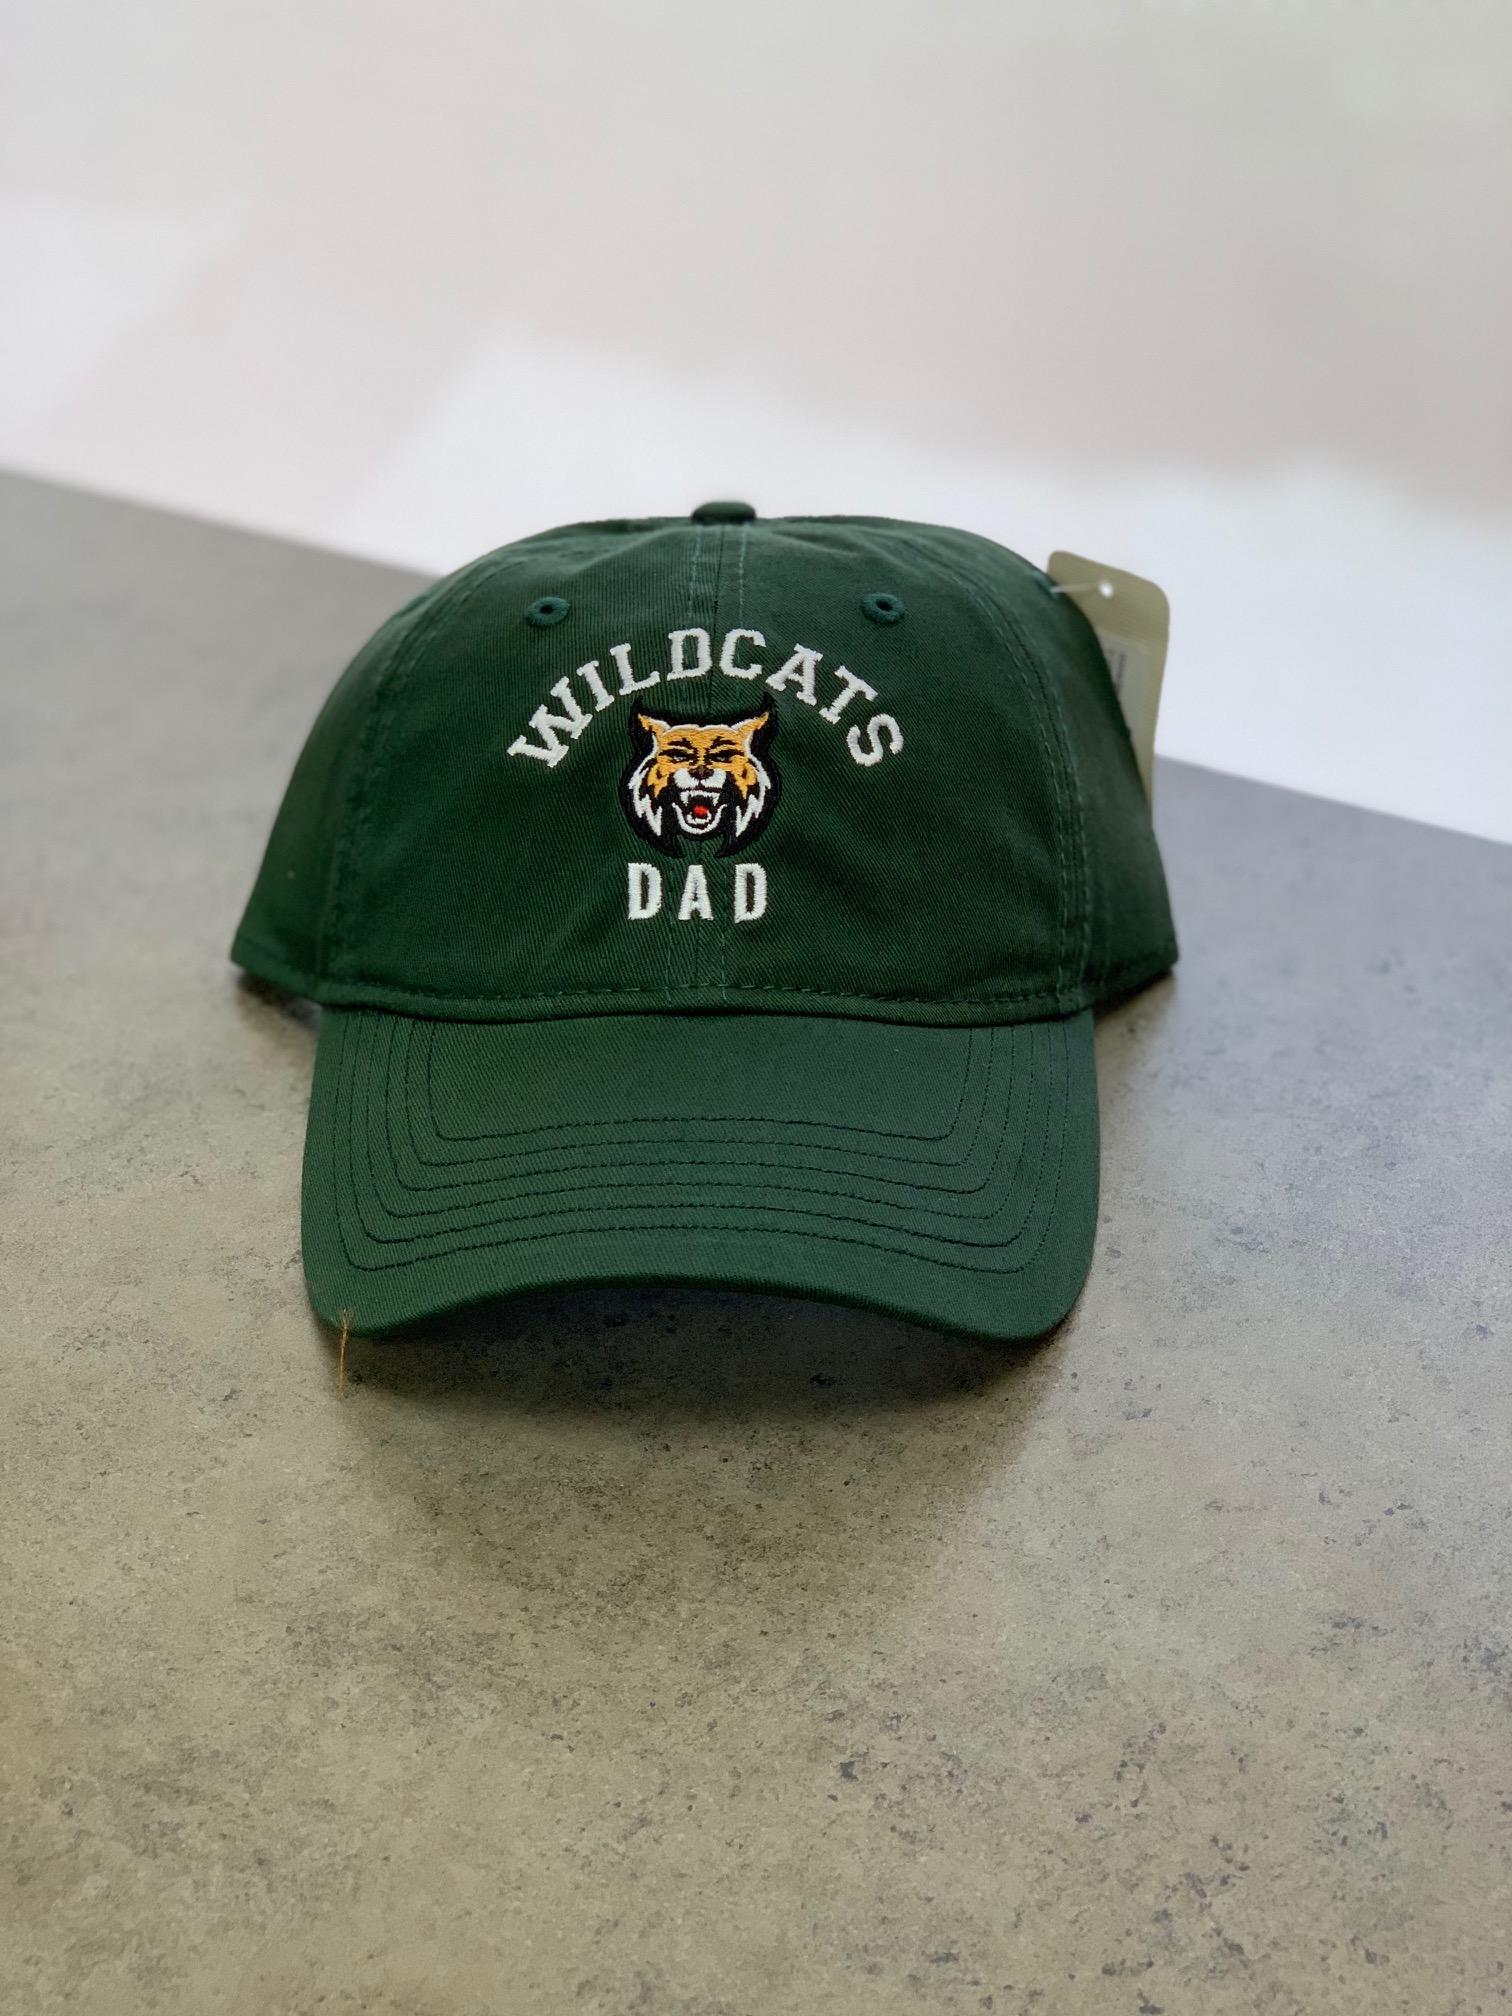 Wildcats Dad Cap